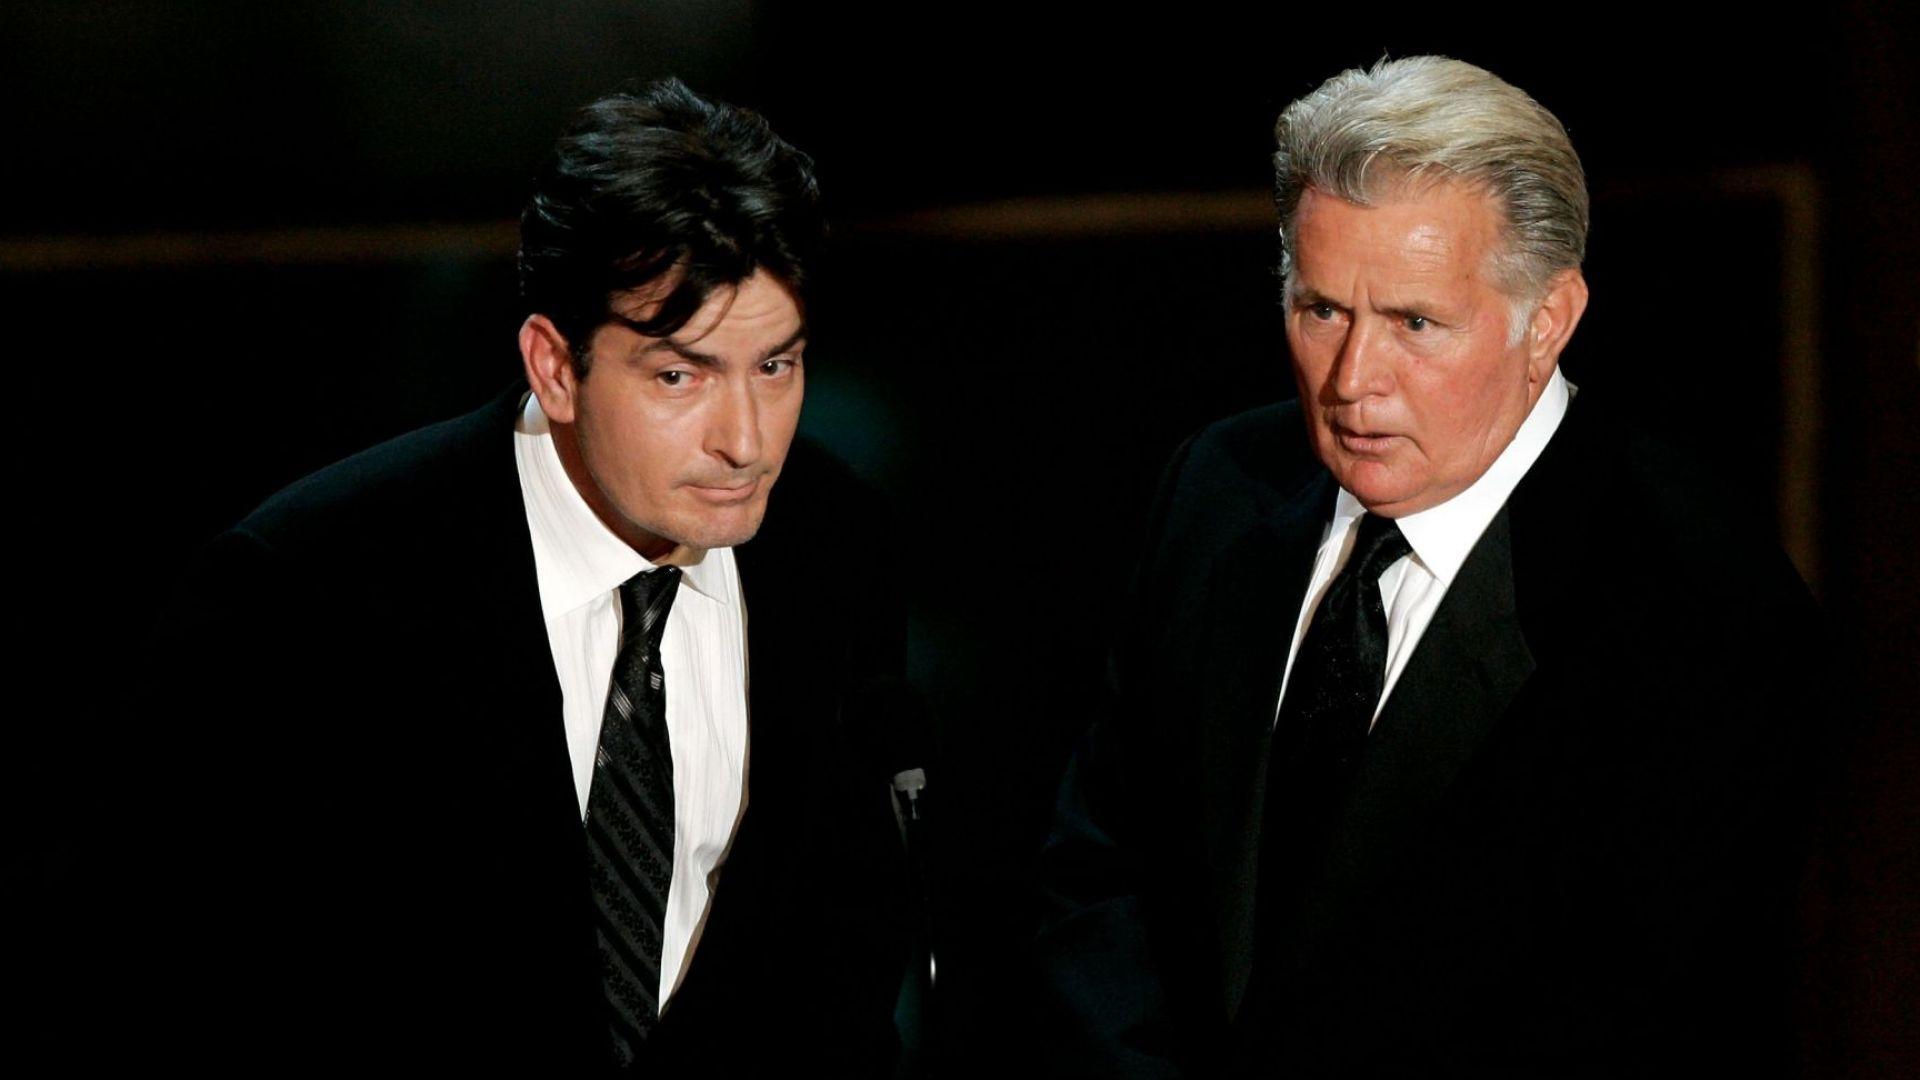 Проговори бащата на Чарли Шийн: Синът ми отваря нова страница, той е необикновен